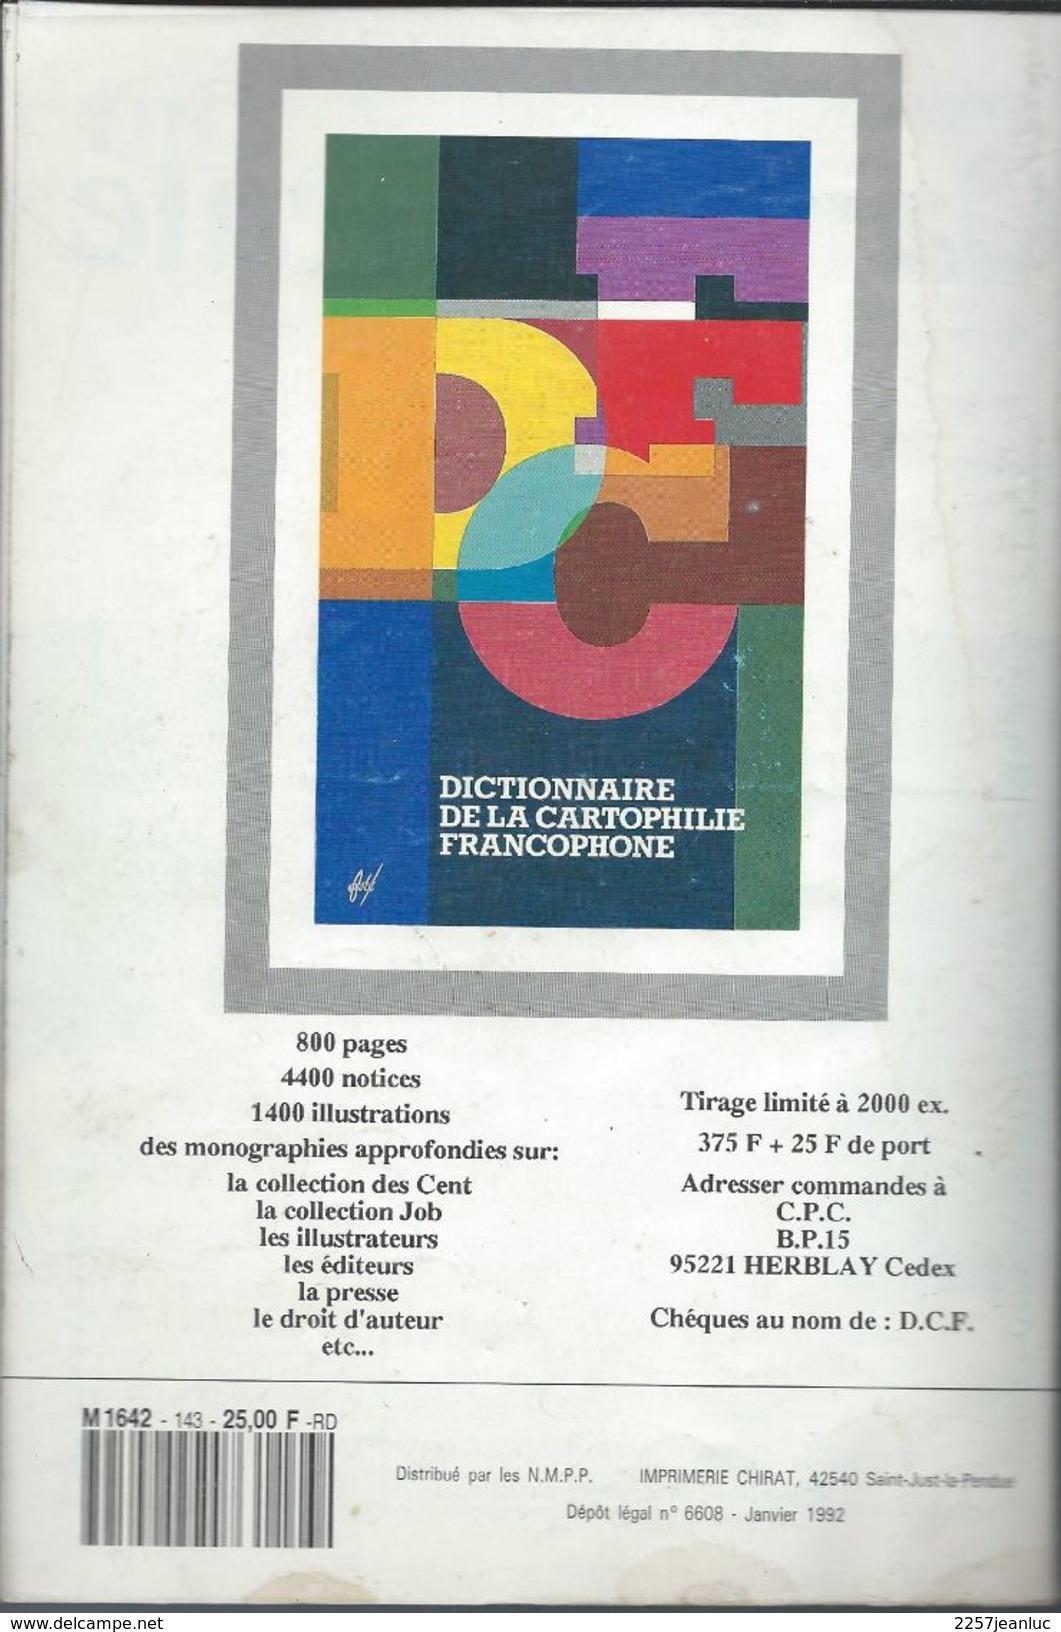 Cartes Postales Et Collections Janvier 1992  Magazines N: 143 Llustration &  Thèmes Divers 98 Pages - Français